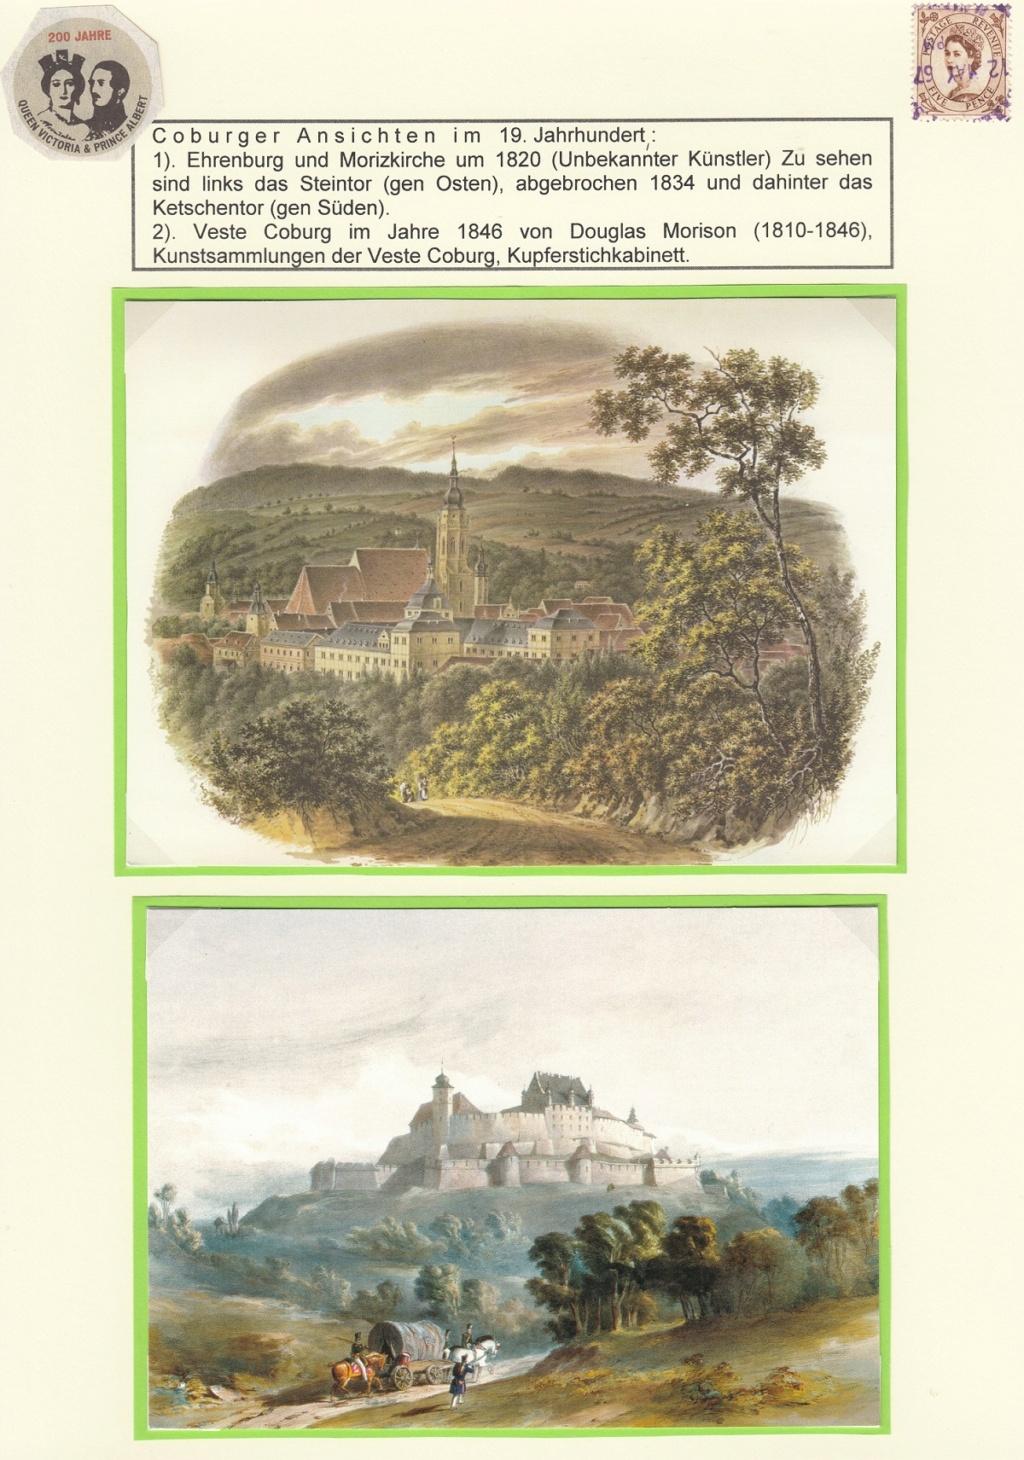 180 Jahre Briefmarke - Seite 2 150-6410